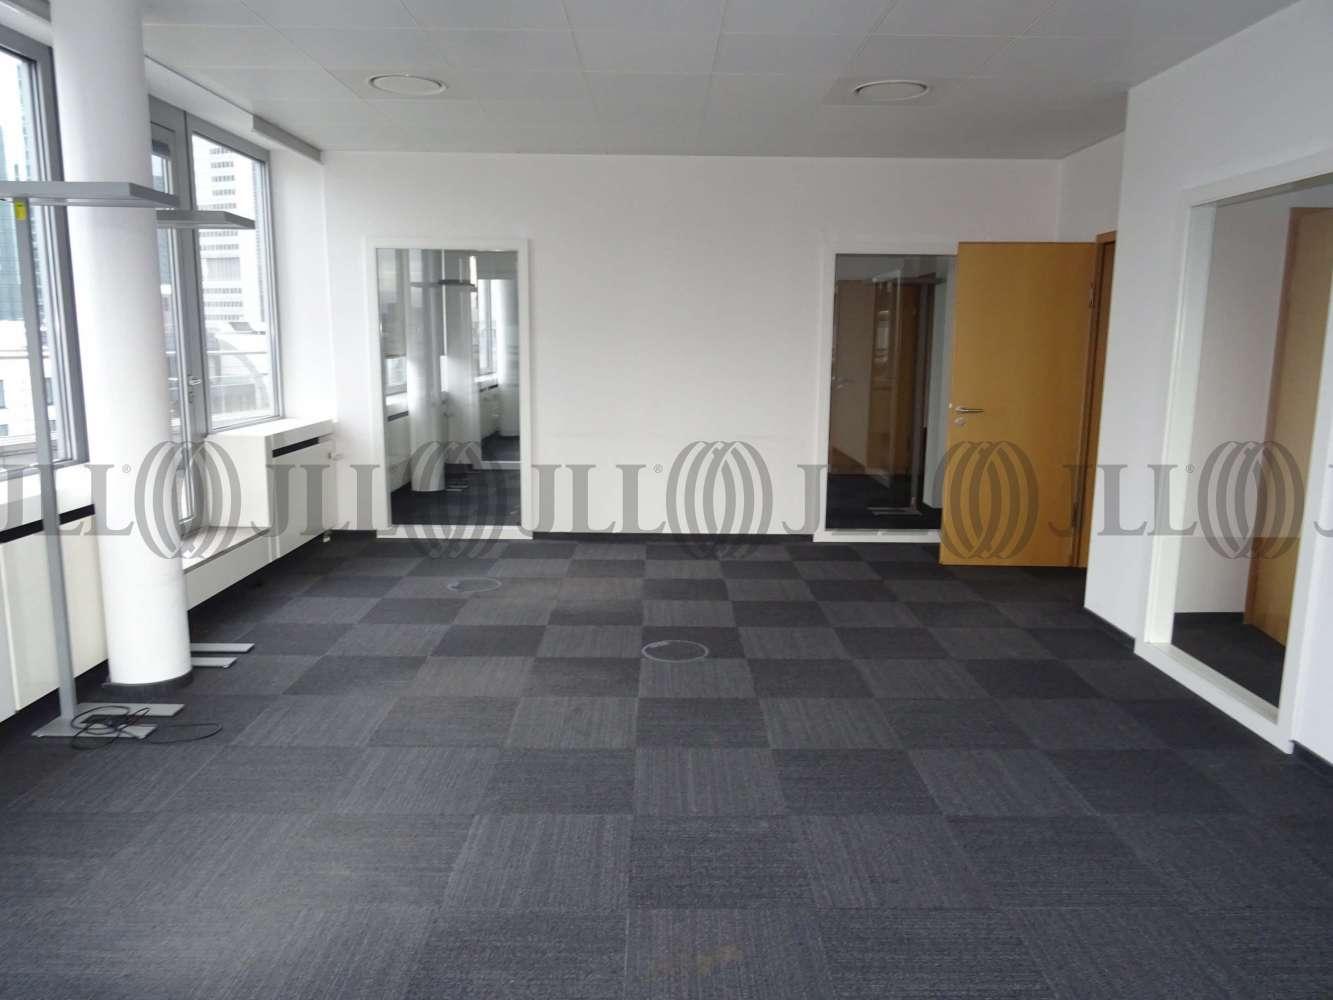 Büros Frankfurt am main, 60329 - Büro - Frankfurt am Main, Gallus - F1002 - 9765603